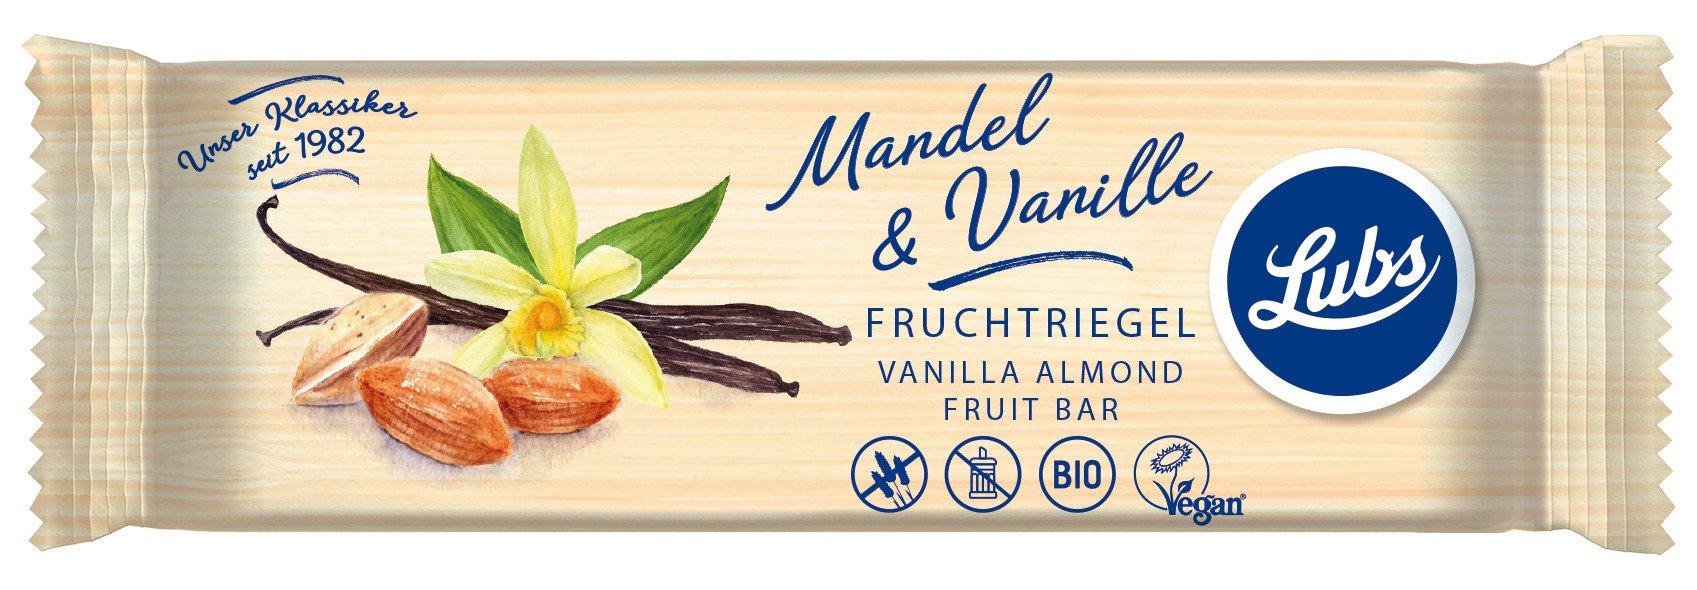 produktrueckruf-lubs-fruchtriegel-mandel-vanille-lubs-fruchtriegel-banane-mandel Produktrückruf |Lubs Fruchtriegel Mandel-Vanille & Lubs Fruchtriegel Banane-Mandel Produktwarnungen Überregionale Schlagzeilen Lebensmittelrückrufe Rückruf |Presse Augsburg